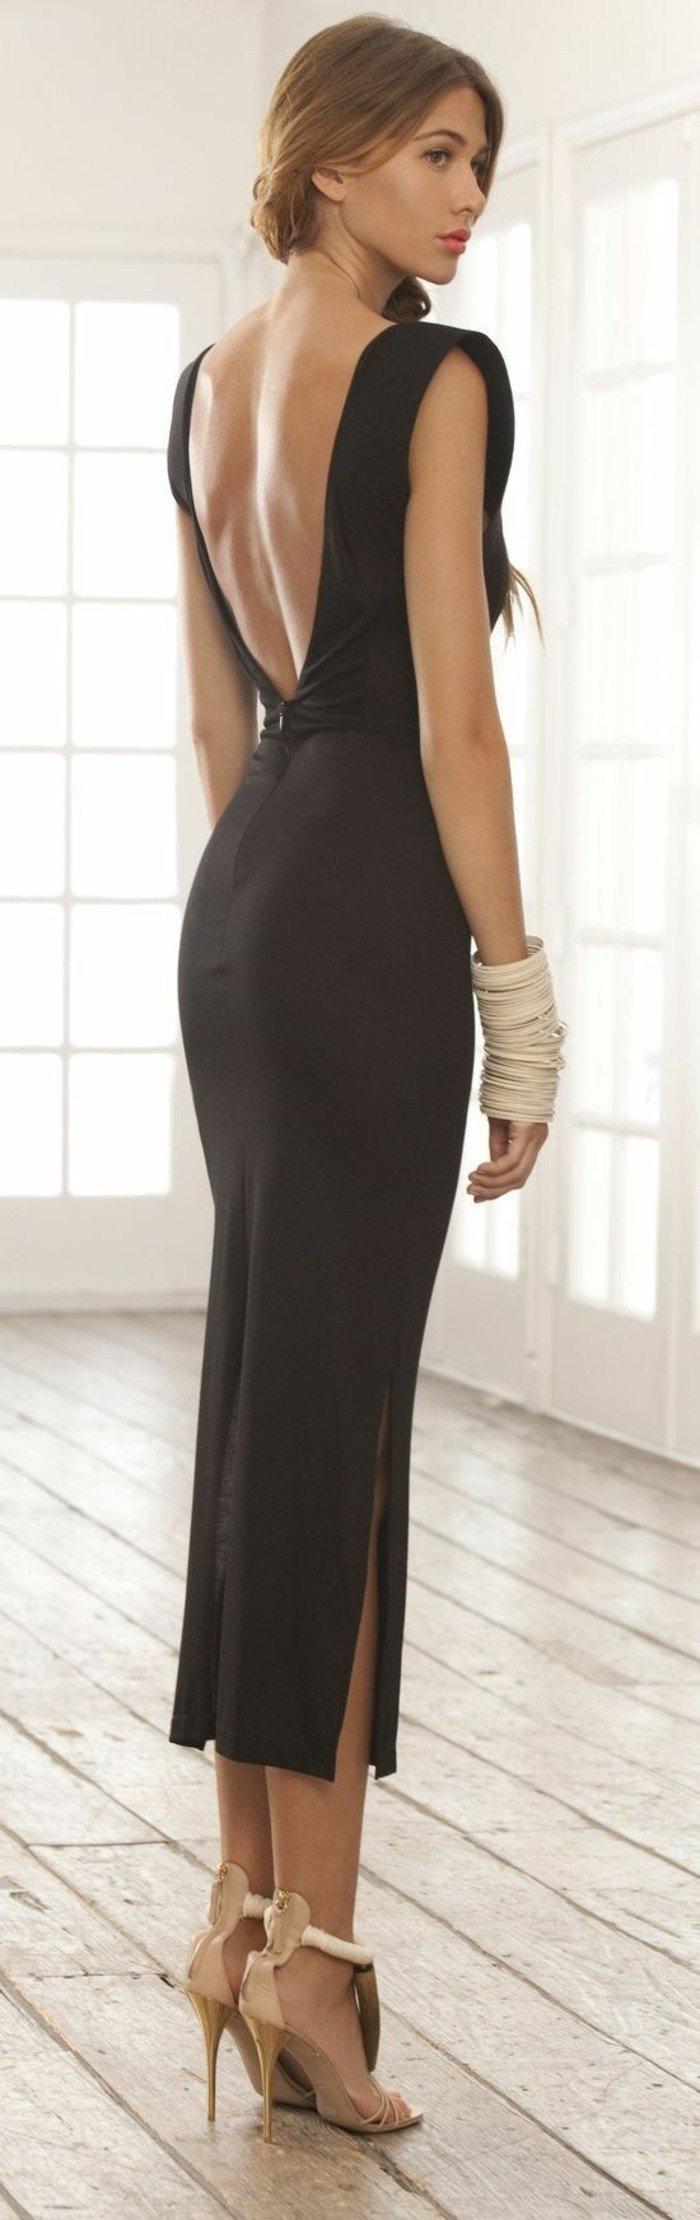 17 Luxus Elegante Damenkleider Design10 Leicht Elegante Damenkleider für 2019